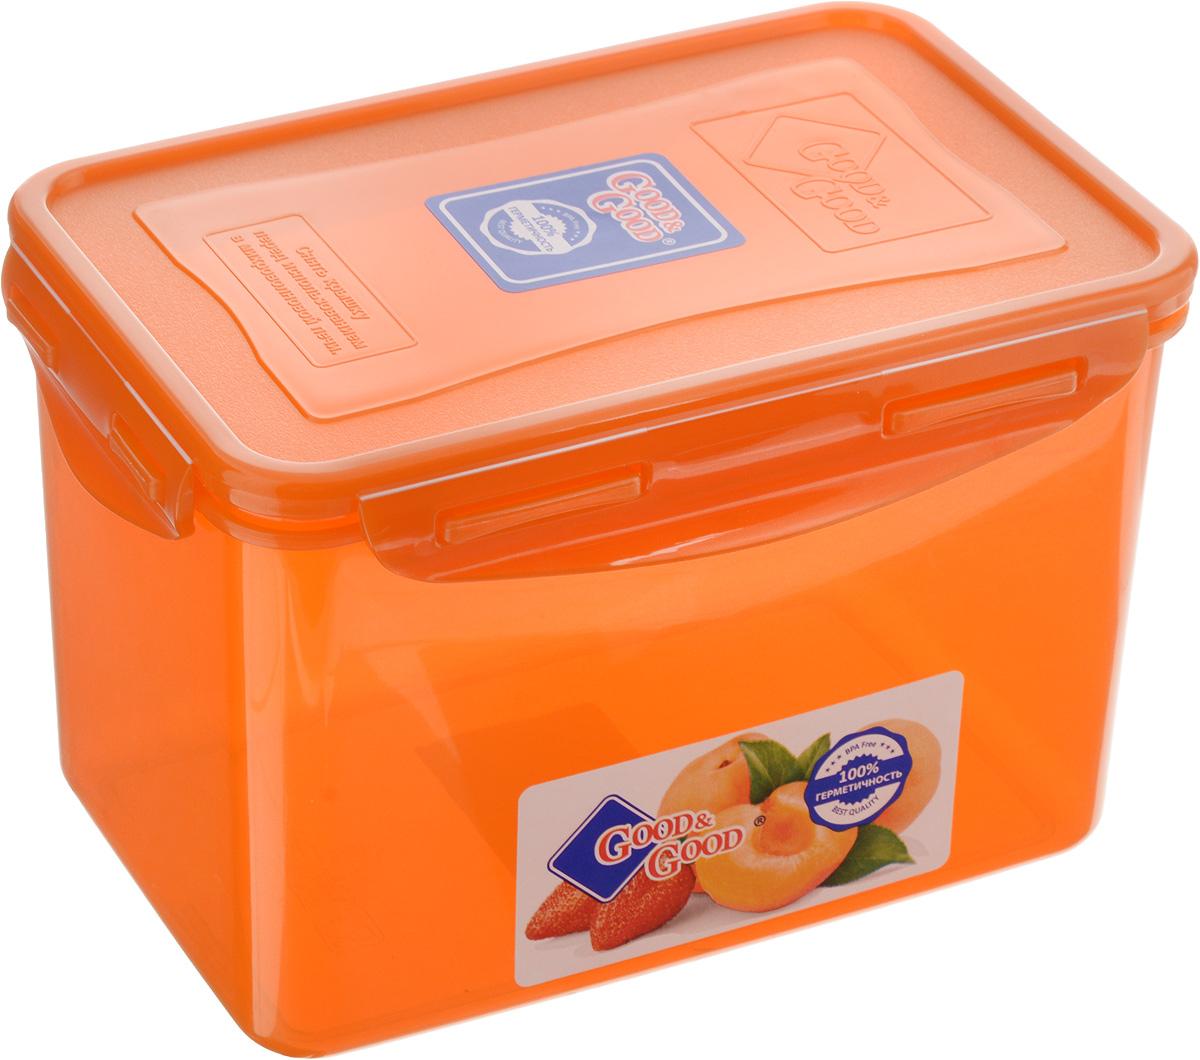 Контейнер для пищевых продуктов Good&Good, 2,2 л. 3-3VT-1520(SR)Контейнер Good&Good, изготовленный из высококачественного полипропилена, предназначен для хранения любых пищевых продуктов. Крышка с силиконовой вставкой герметично защелкивается специальным механизмом. Изделие устойчиво к воздействию масел и жиров, легко моется. Полупрозрачные стенки позволяют видеть содержимое. Контейнер имеет возможность хранения продуктов глубокой заморозки, обладает высокой прочностью. Контейнер Good&Good удобен для ежедневного использования в быту.Можно мыть в посудомоечной машине и использовать в холодильнике и микроволновой печи.Размер контейнера (с учетом крышки): 13,5 х 20 х 13 см.